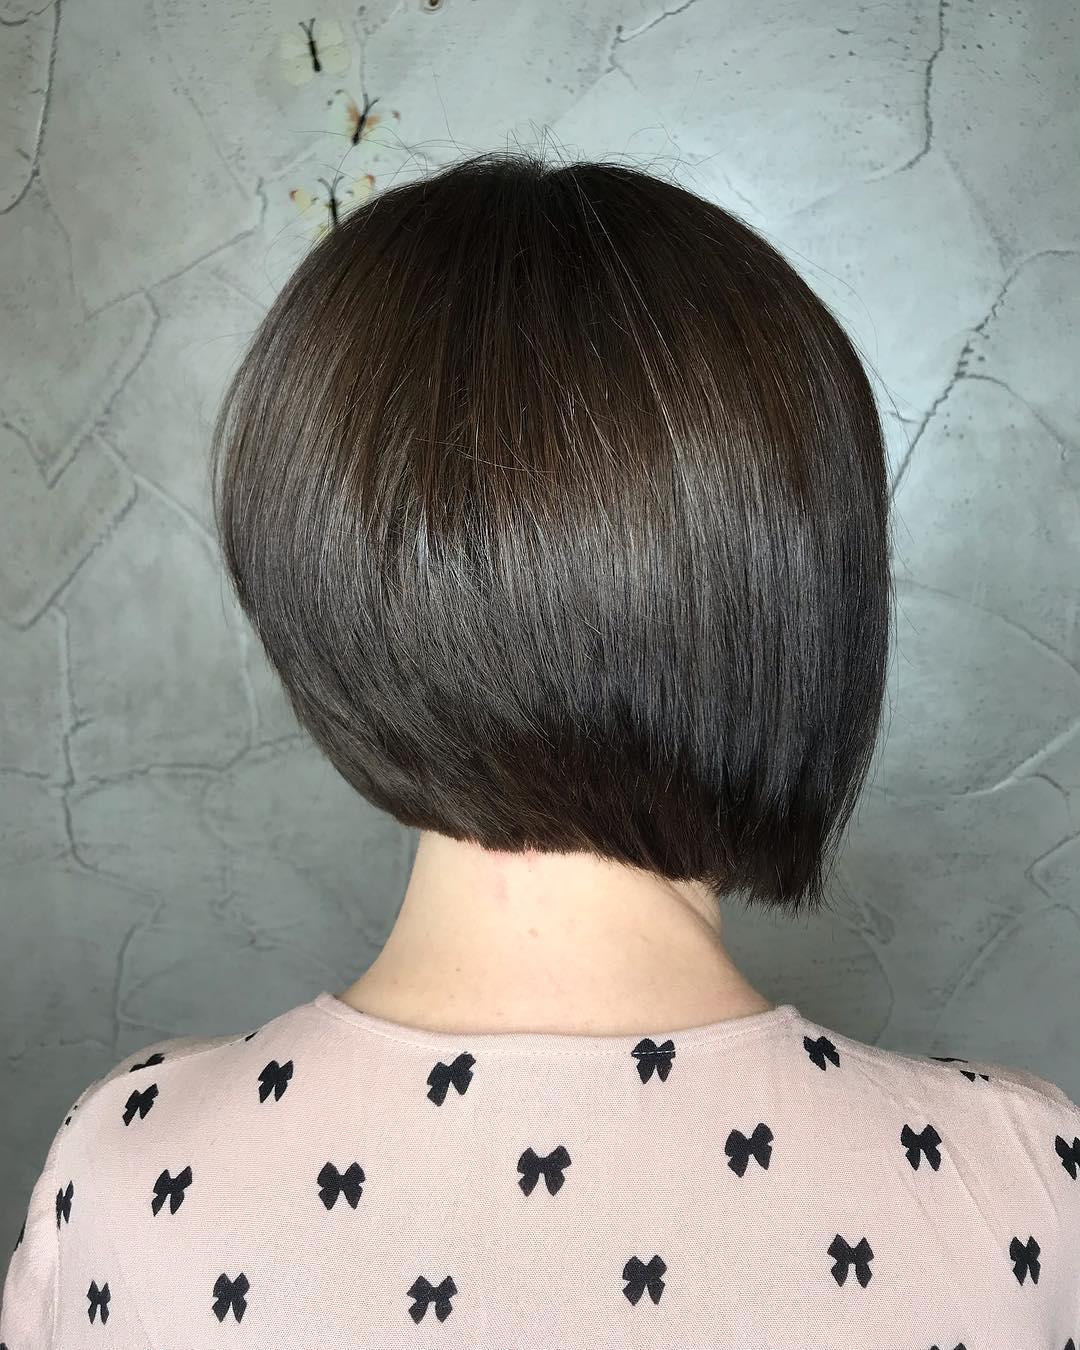 стрижки-на-короткие-боб-каре-2019-черный-цвет-волос